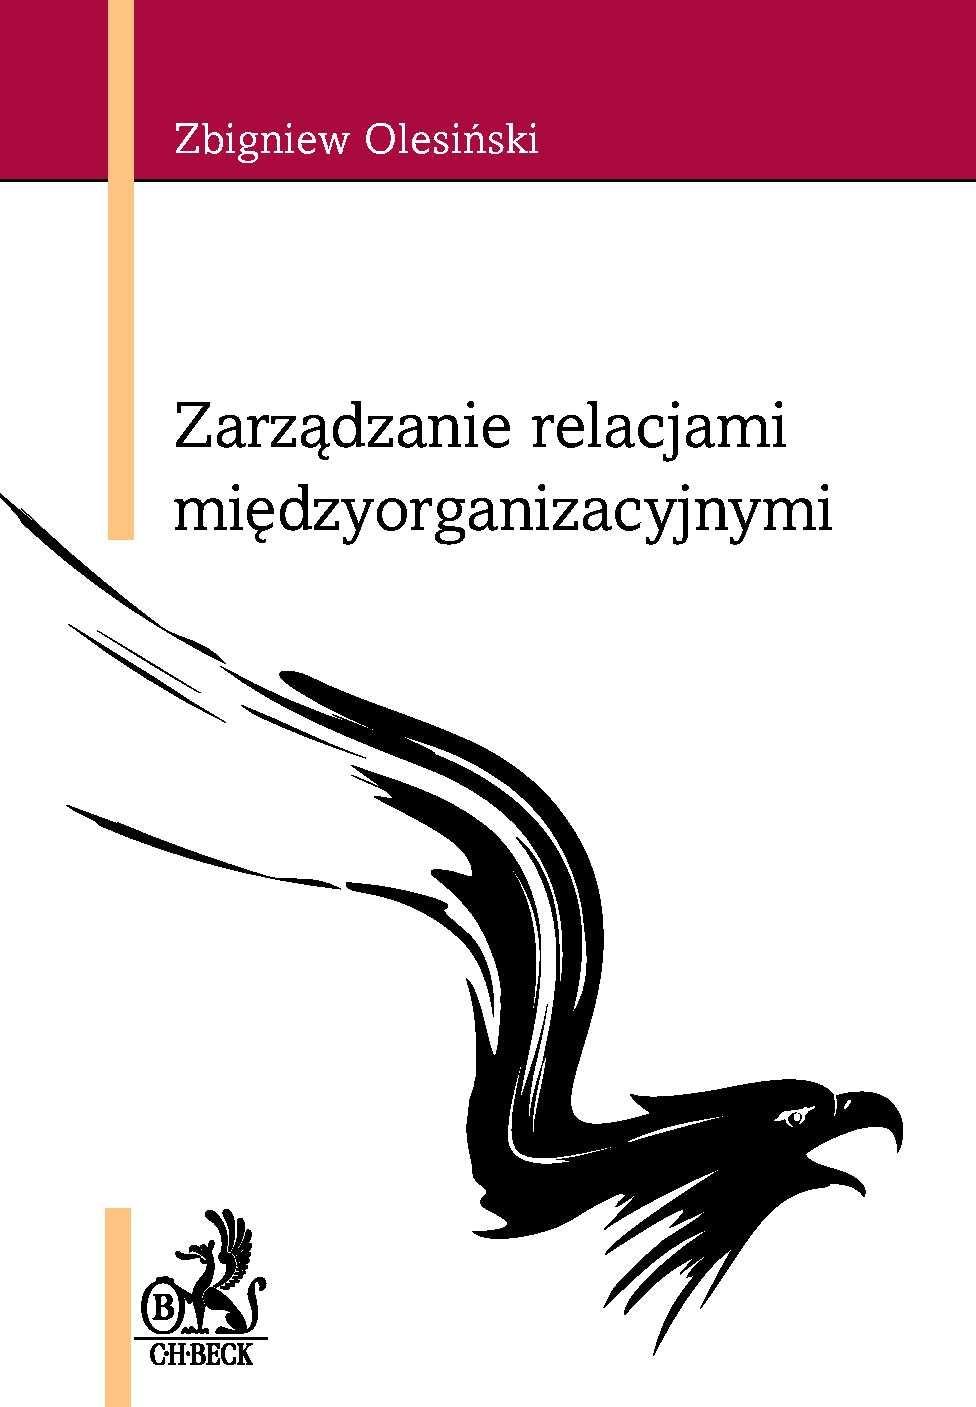 Zarządzanie relacjami międzyorganizacyjnymi - Ebook (Książka PDF) do pobrania w formacie PDF